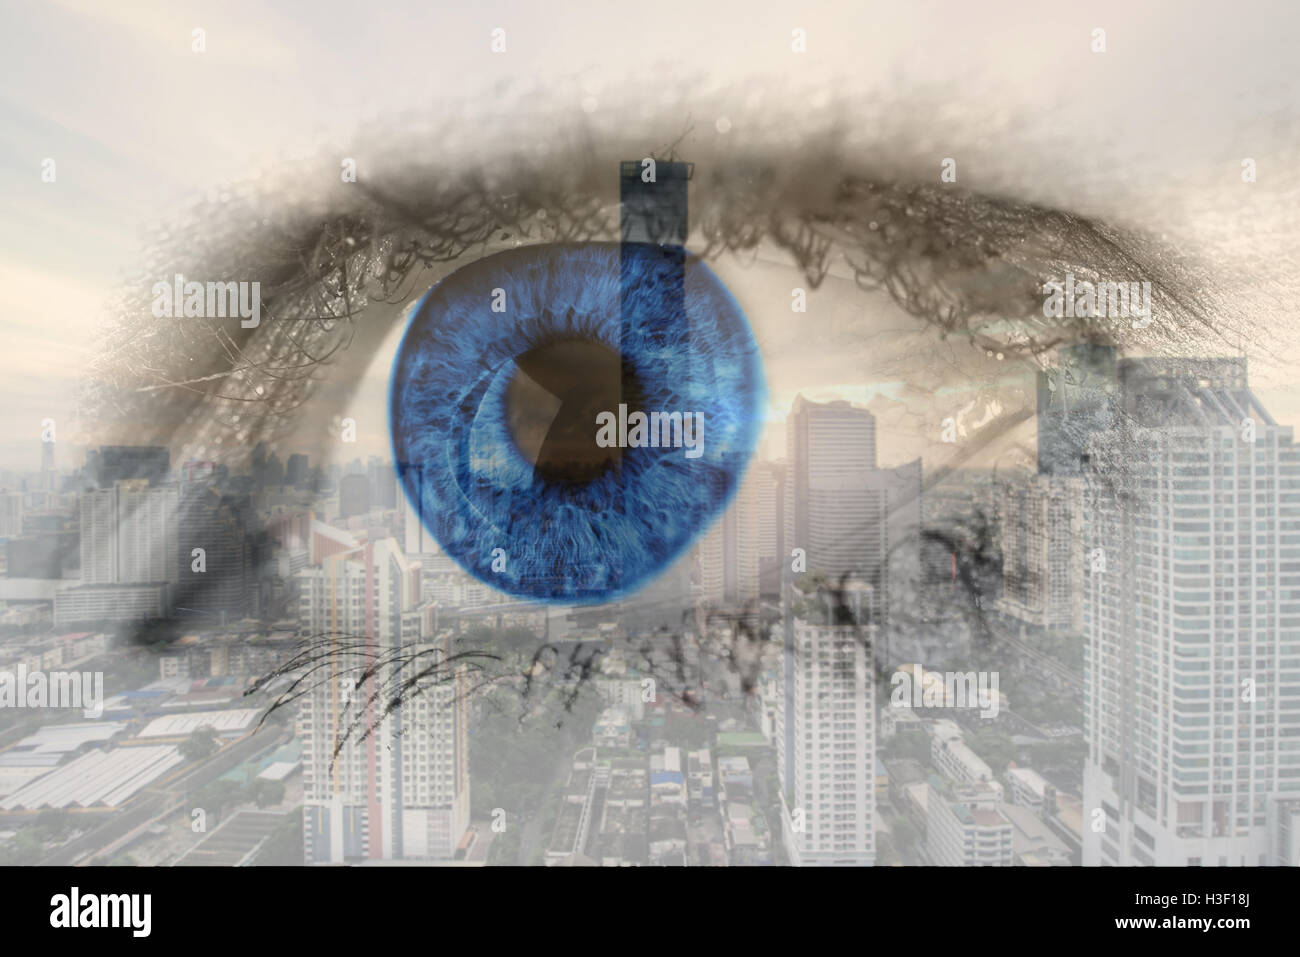 Exposición doble imagen del ojo humano con el centro de negocios del distrito de la ciudad de Bangkok. Concepto Imagen De Stock